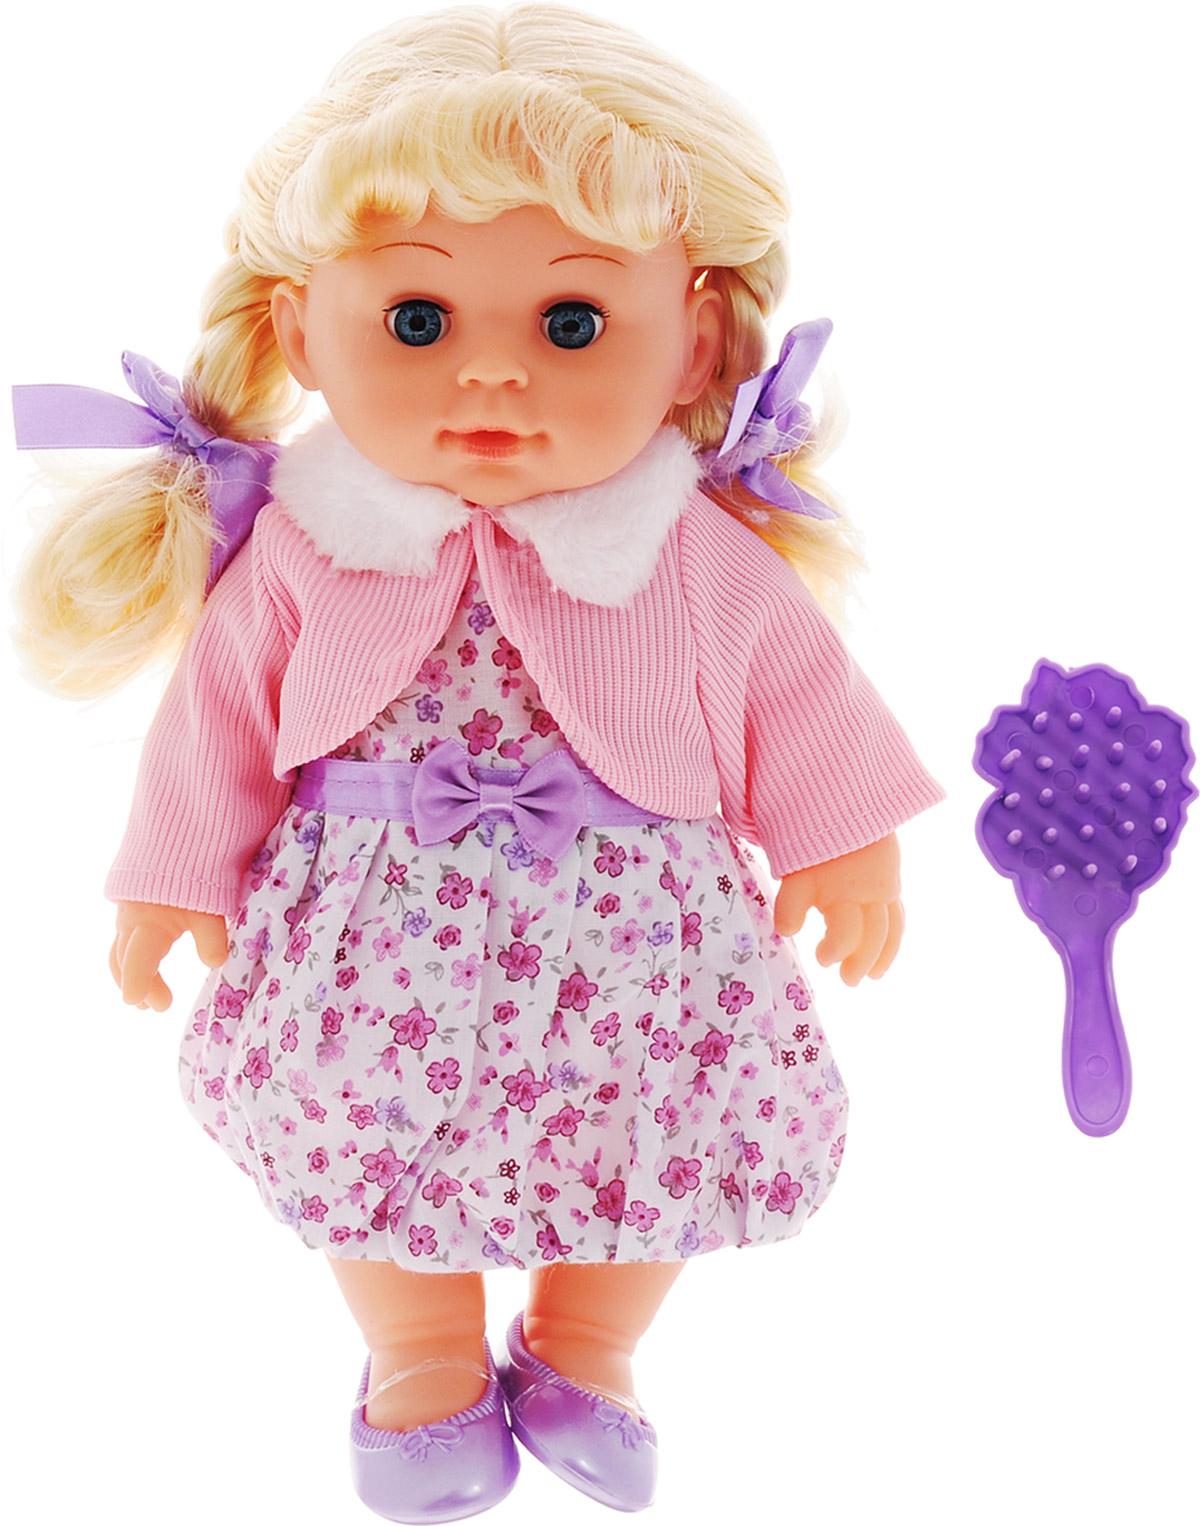 Карапуз Кукла озвученная Полина цвет одежды белый розовый фиолетовый куклы карапуз кукла карапуз принцесса рапунцель 25 см